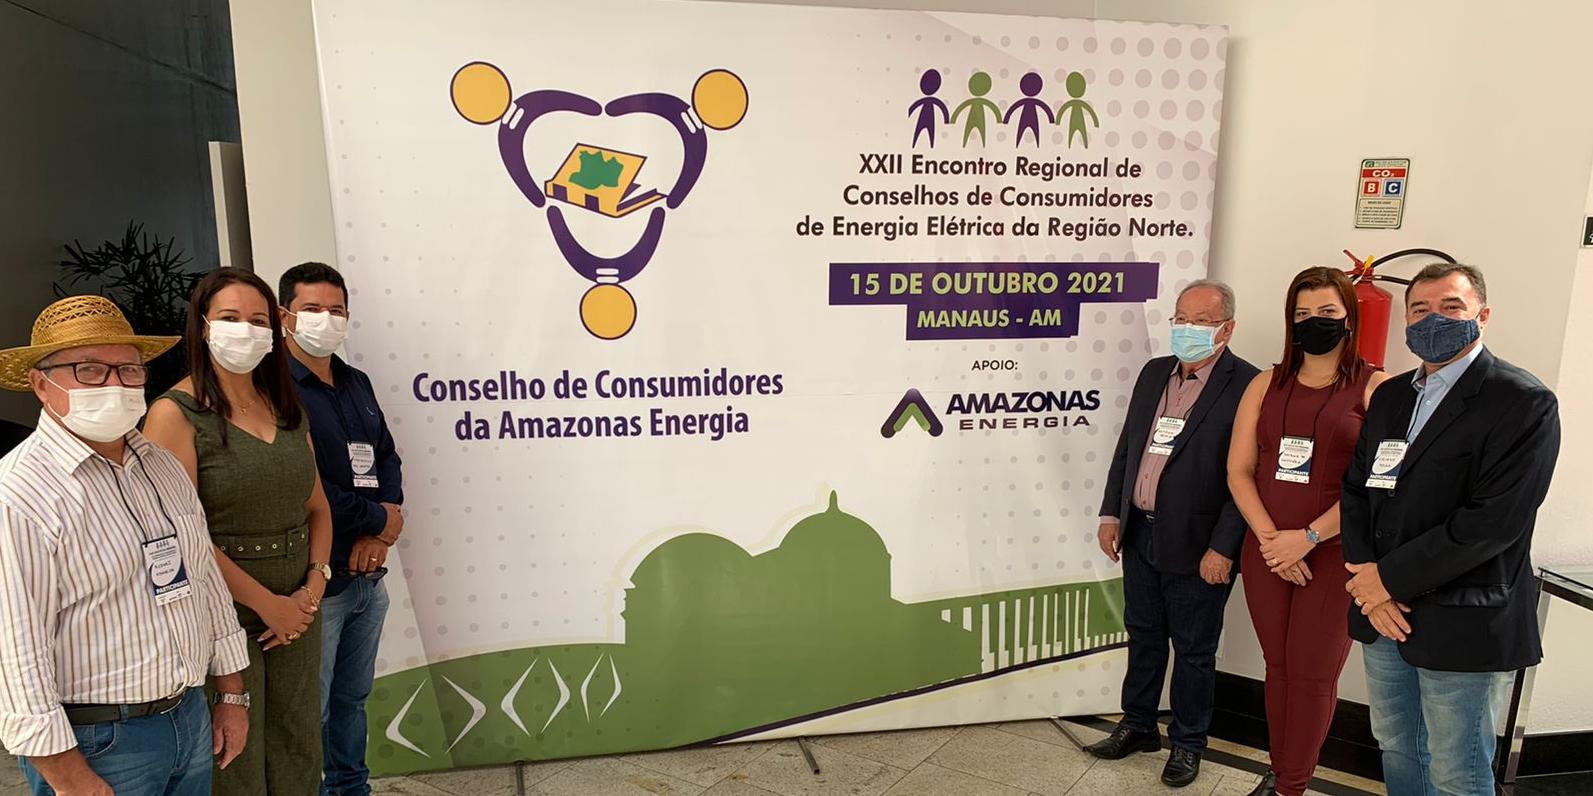 CEETO discute questões do sistema elétrico e apresenta ações durante encontro em Manaus